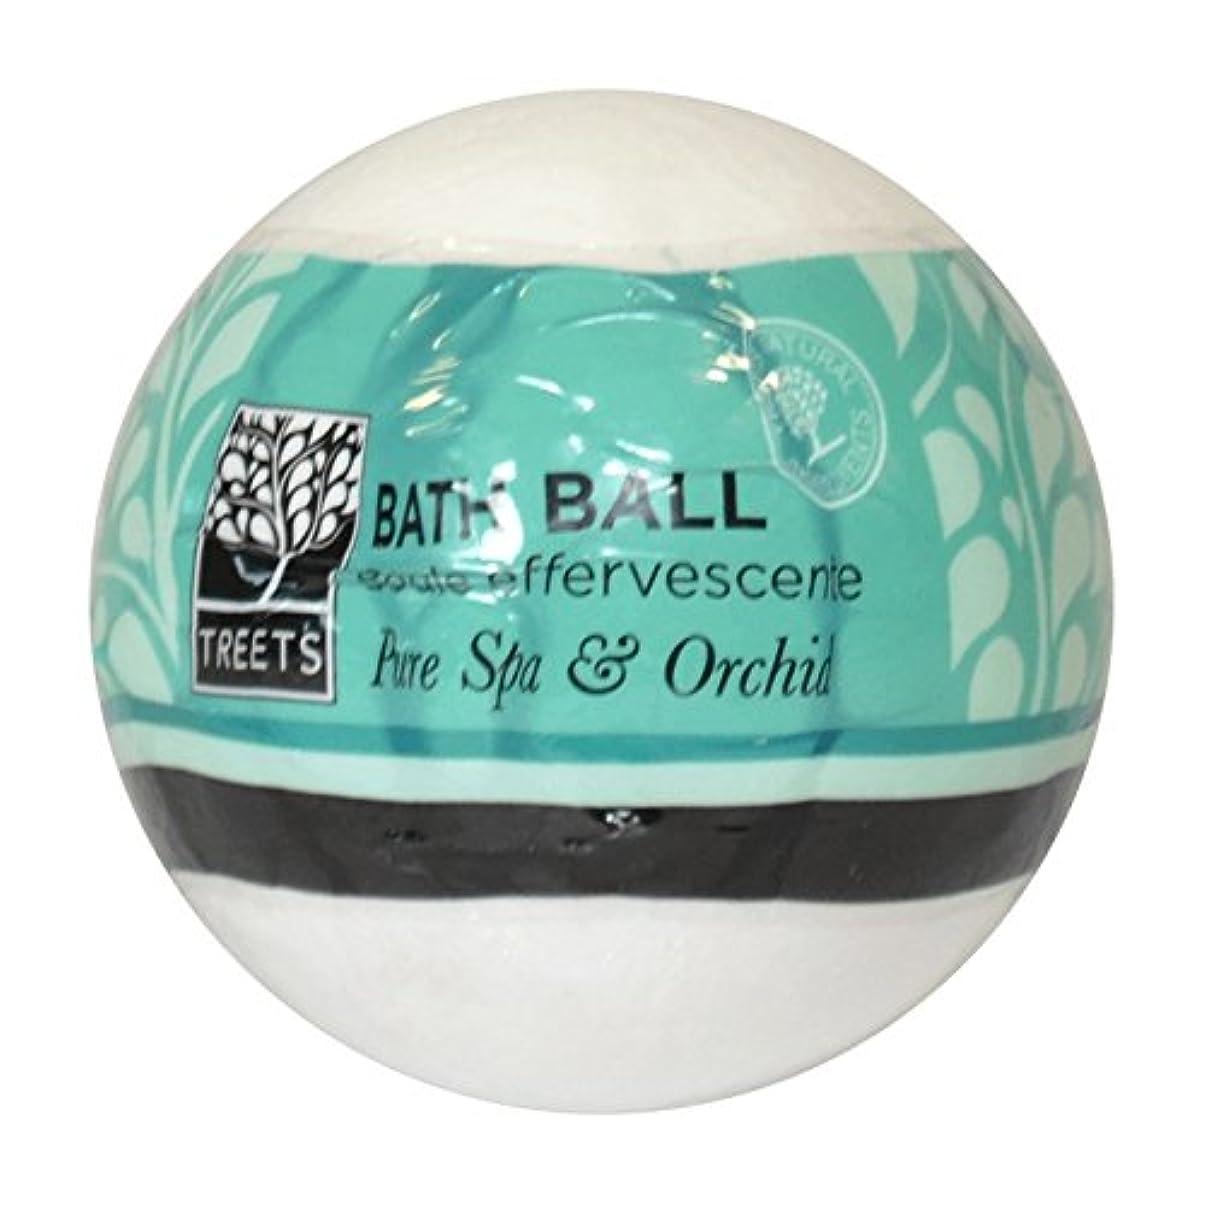 から言い聞かせる矛盾Treets蘭&純粋なスパバスボール - Treets Orchid & Pure Spa Bath Ball (Treets) [並行輸入品]